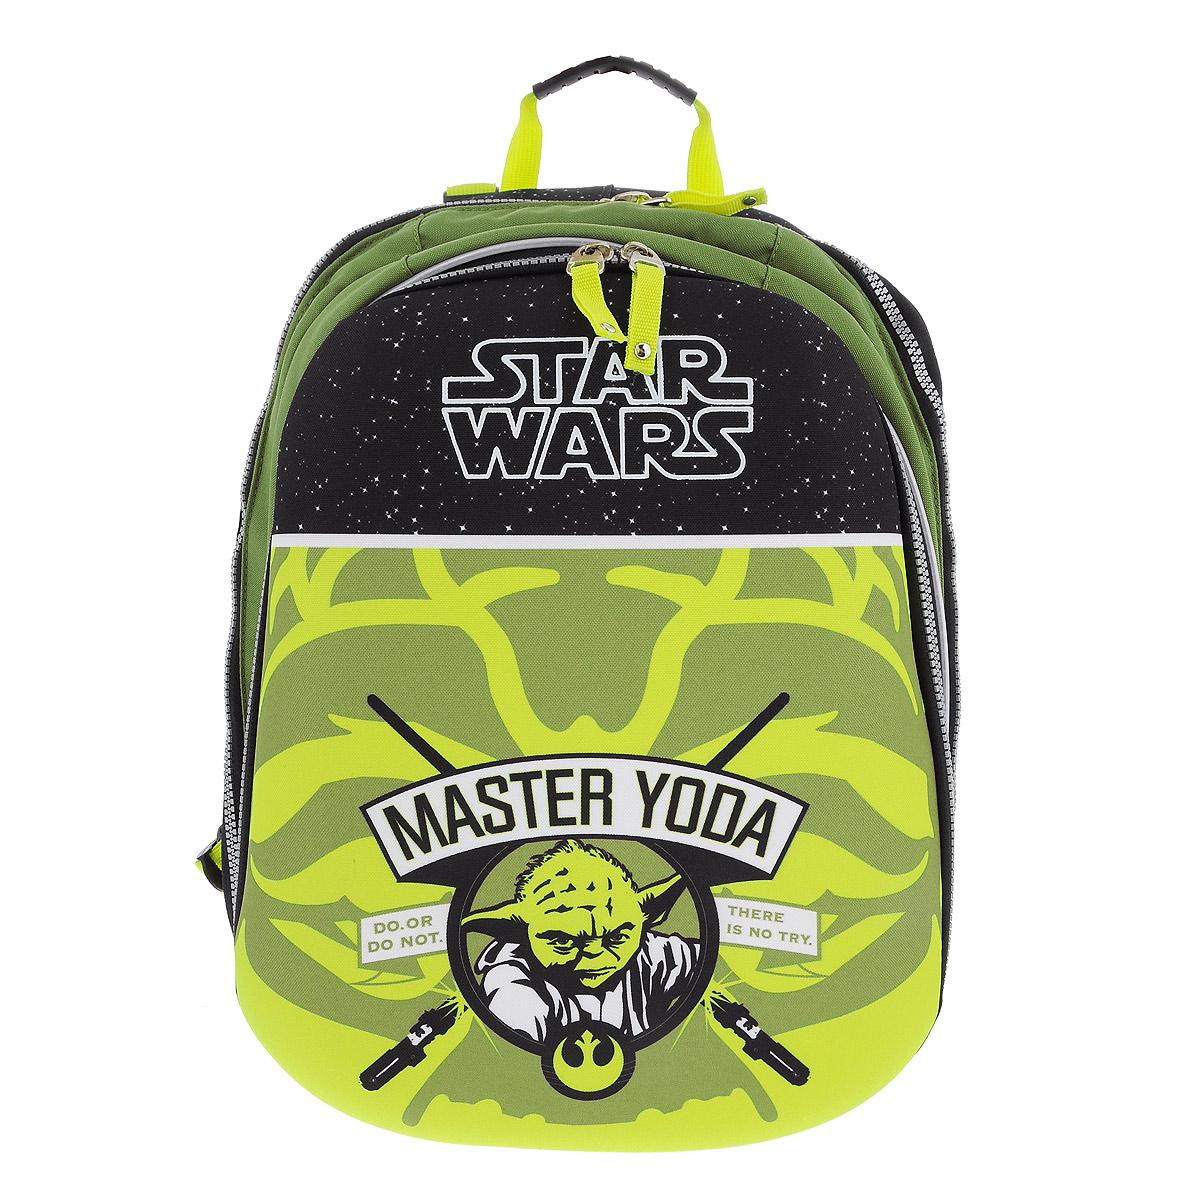 Рюкзак Star Wars Master Yoda, цвет: зеленый, черный. 37474_Master YodaММ-517-2/2Рюкзак Star Wars Master Yodaбудет отличным подарком поклонникам вселенной Star Wars! Рюкзак выполнен из полиэстера зеленого и черного цветов и оформлен оригинальным рисунком с изображением Мастера Йоды. Рюкзак оснащен одним основным отделением, закрывающимся на застежку-молнию. На внешней стороне расположен вместительный накладной карман на застежке-молнии, содержащий шесть накладных кармашков, а также два кармашка для ручек и карандашей. Рюкзак оснащен мягкими плечевыми лямками, мягкой спинкой с сетчатой поверхностью и текстильной ручкой для удобной переноски.